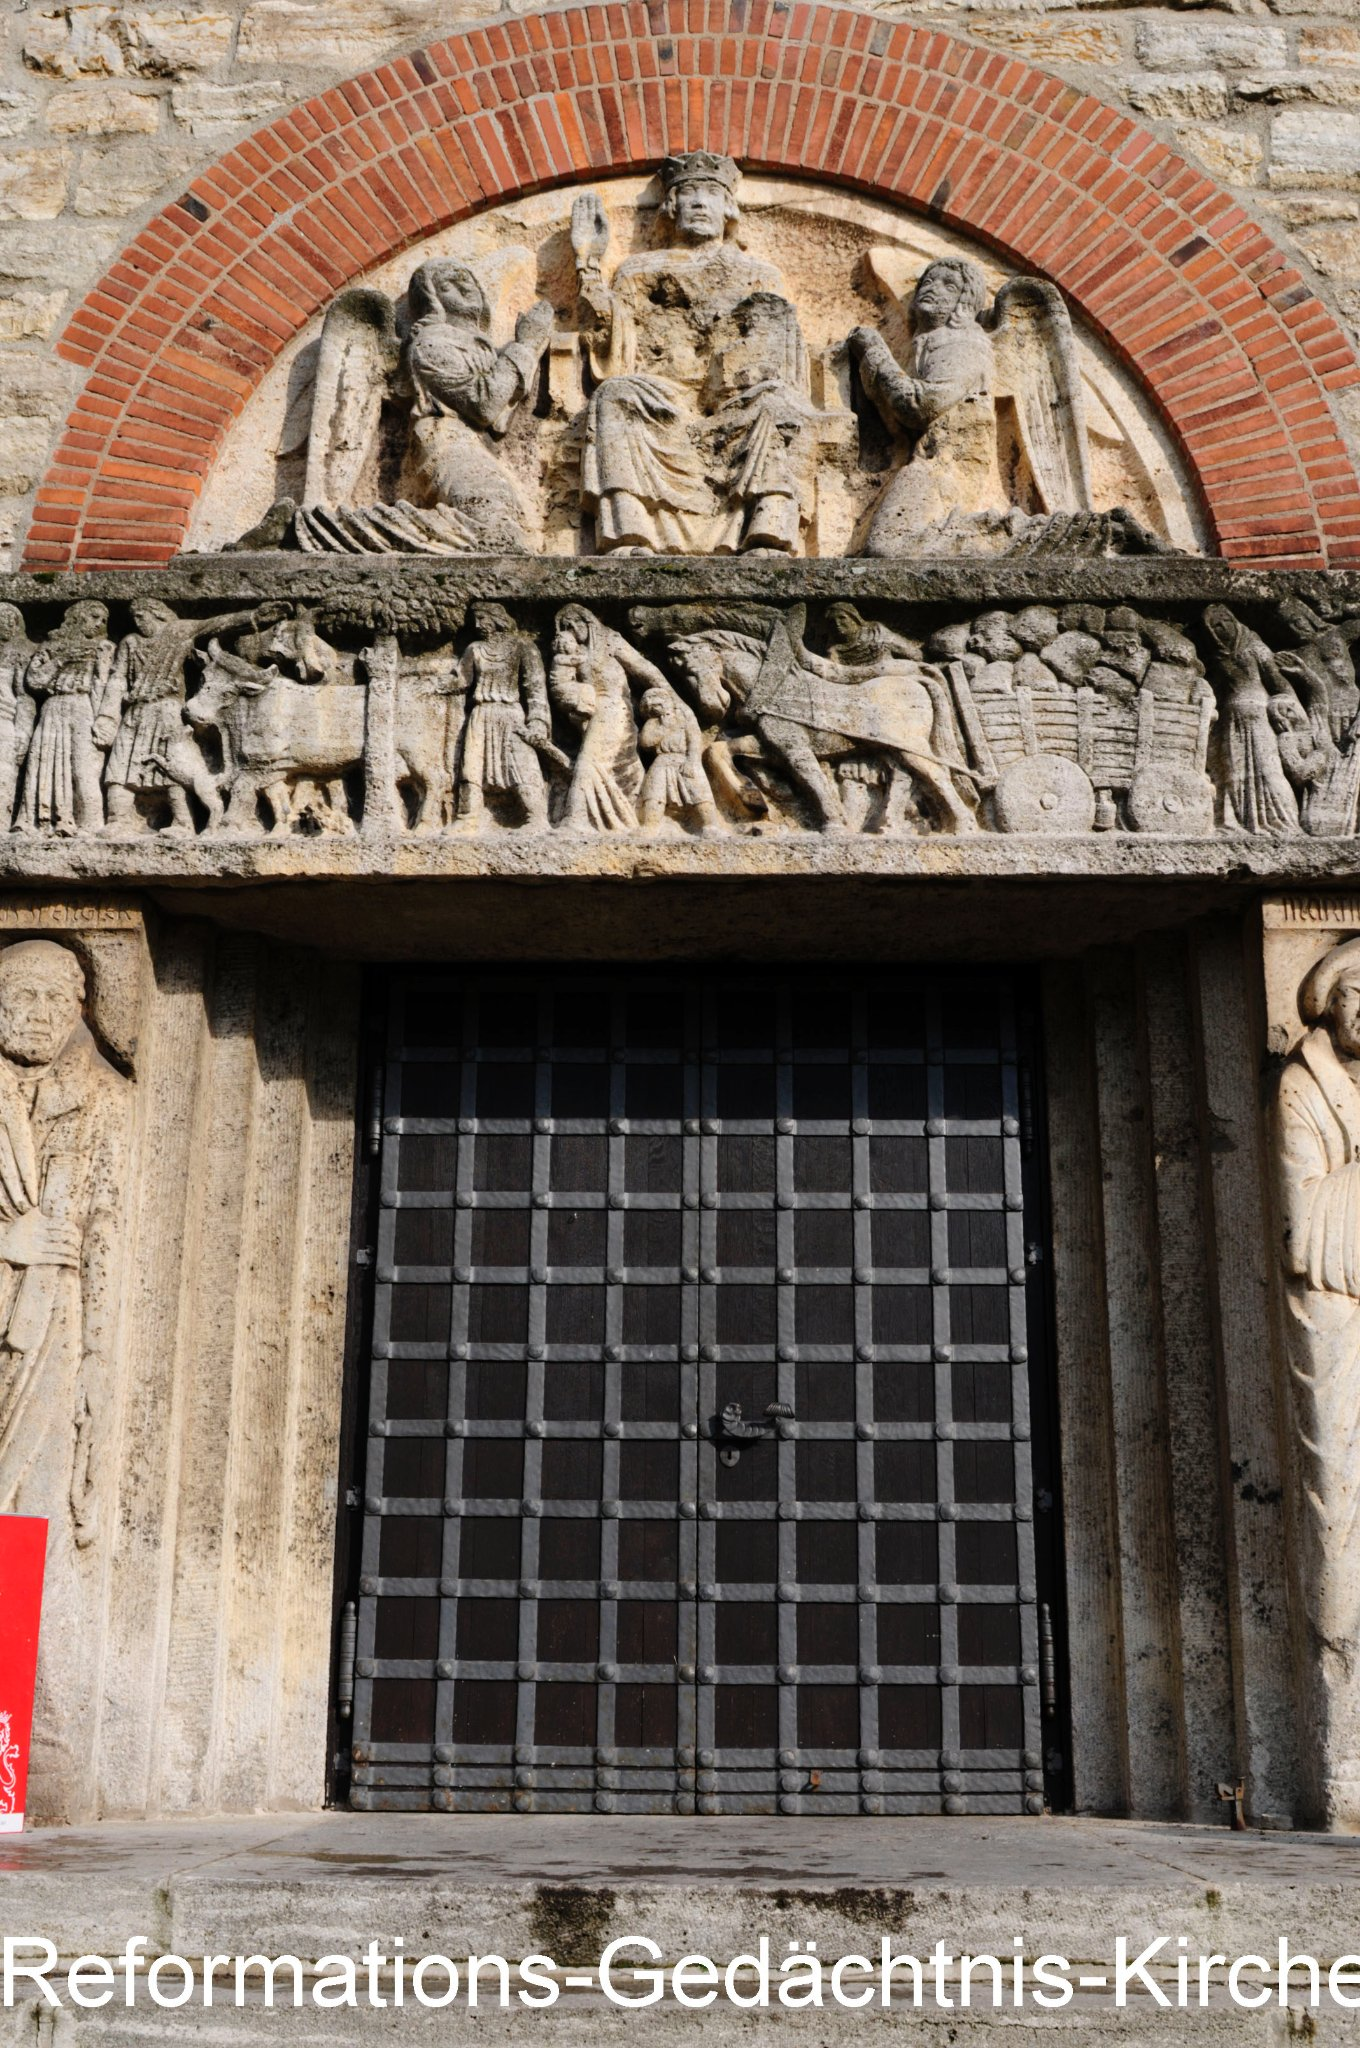 20120422 Reformations Gedaechtniskirche 002